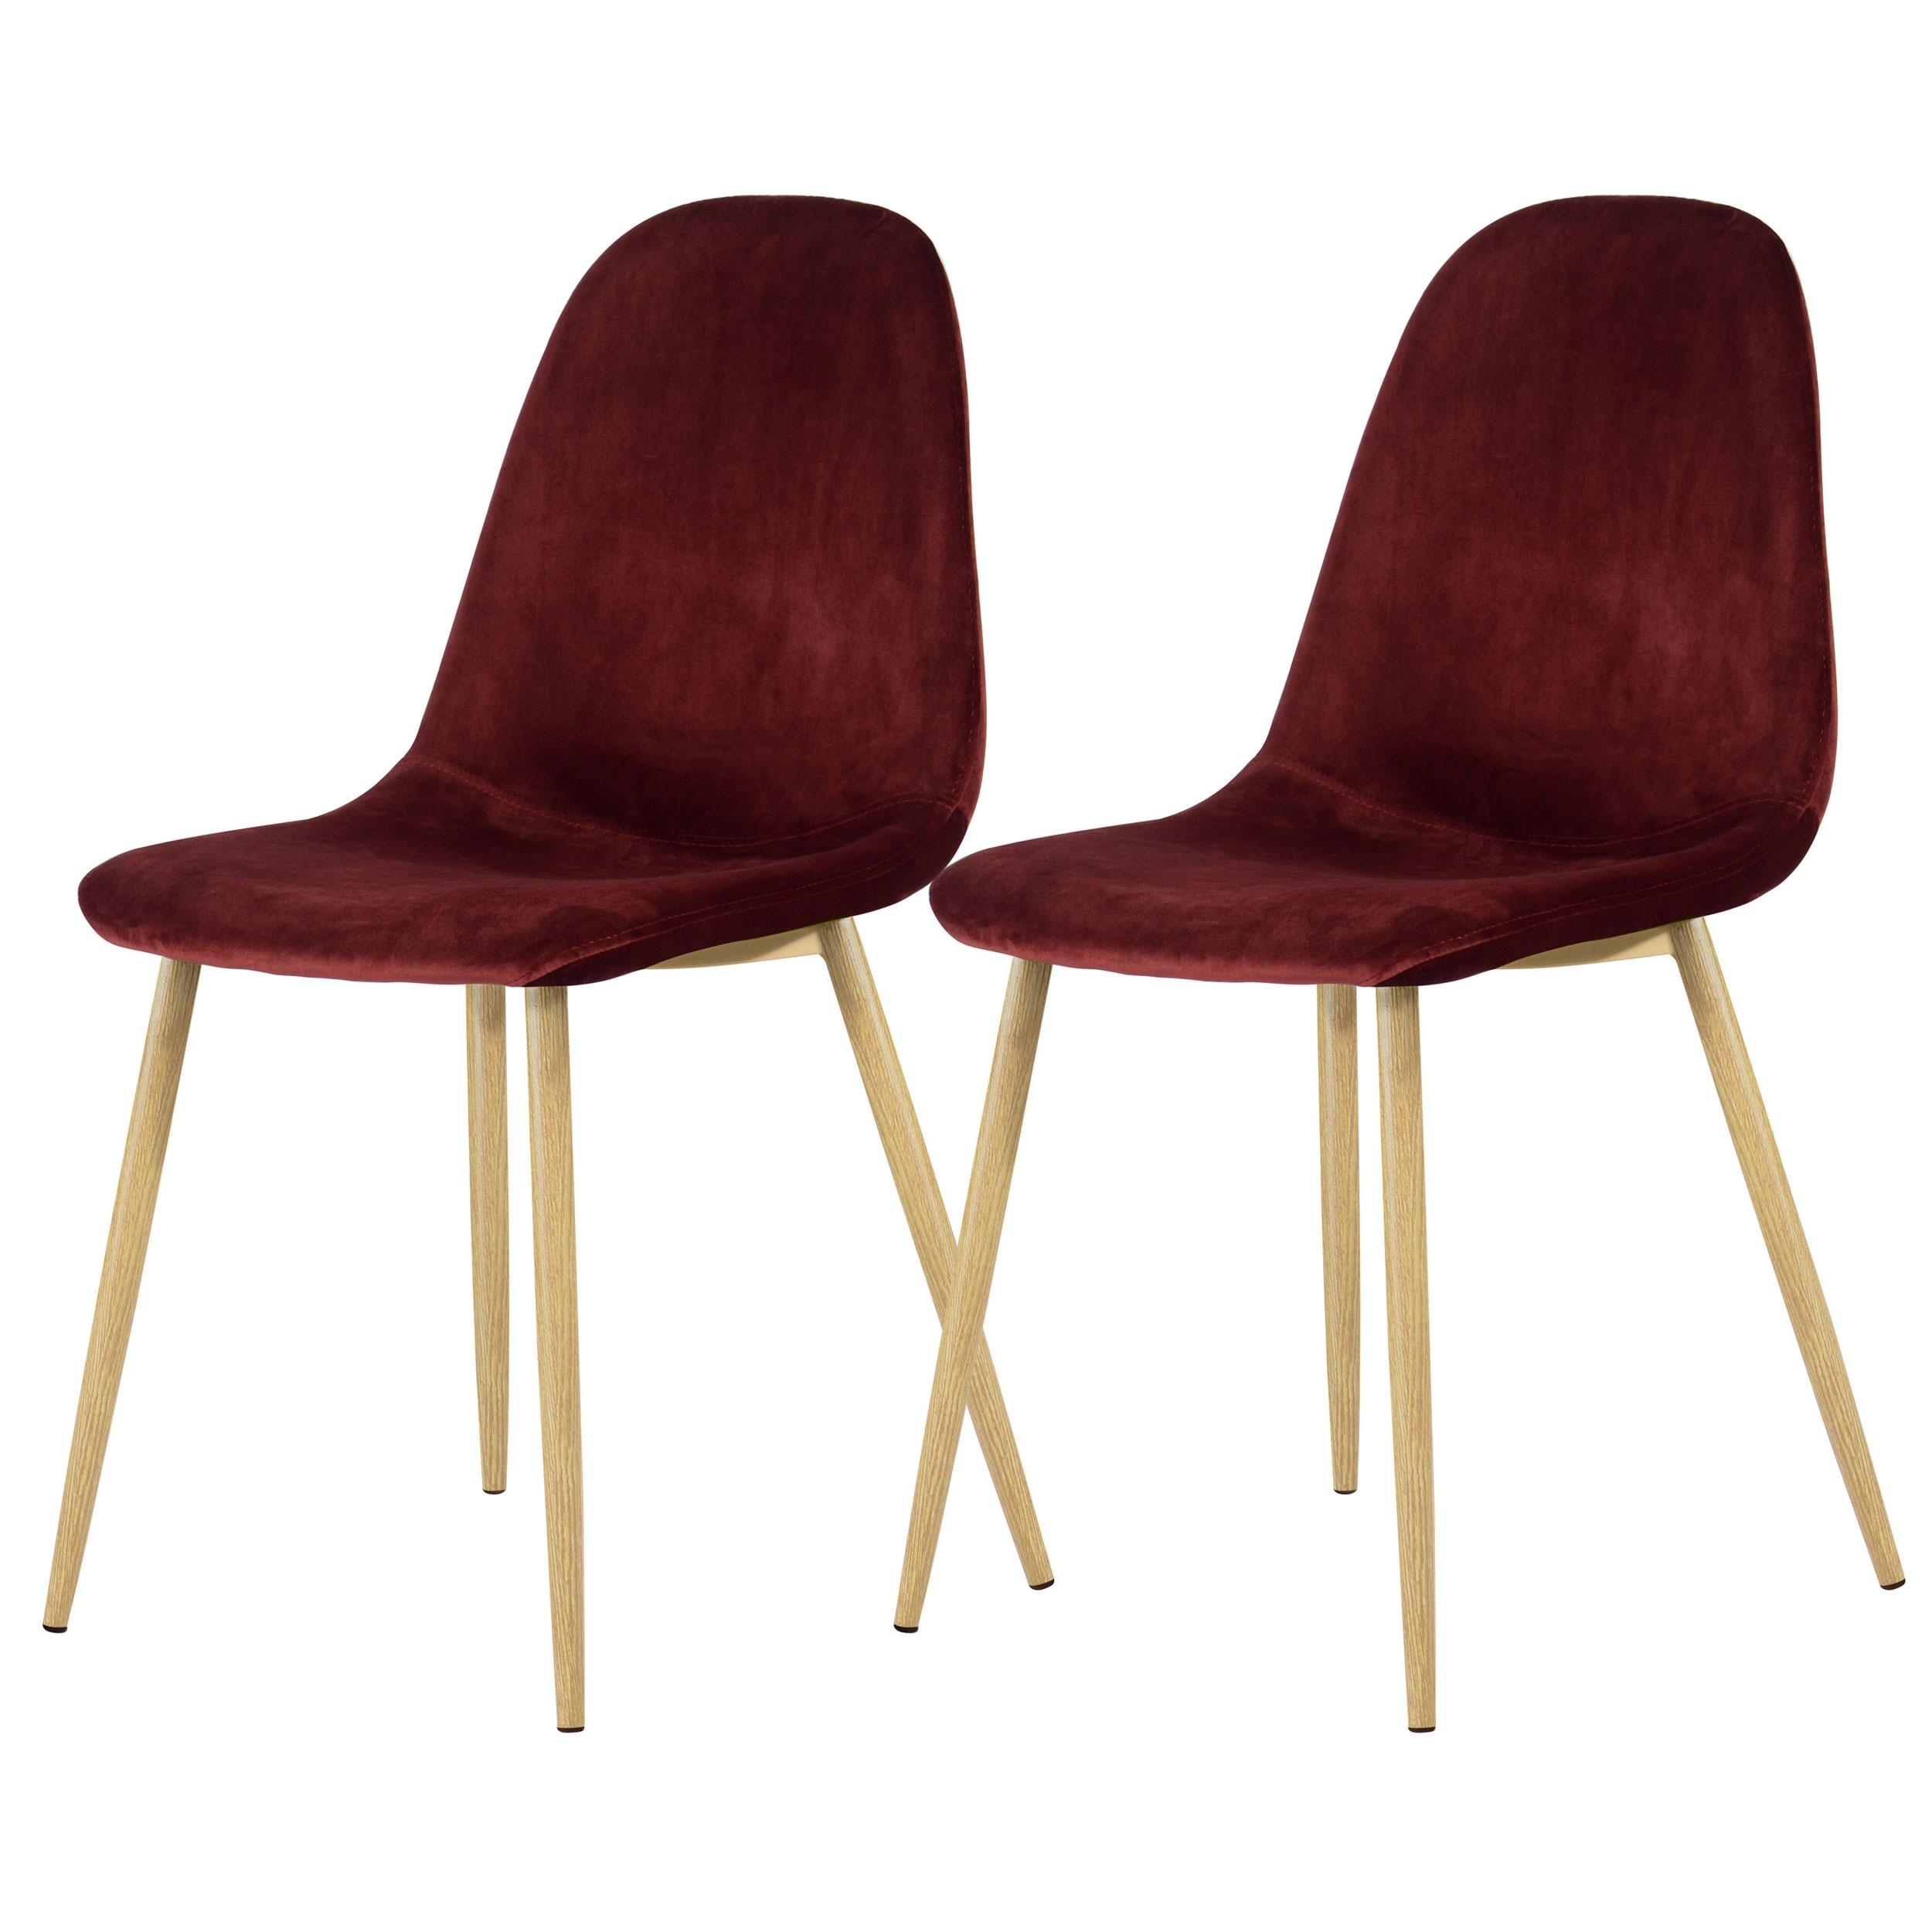 chaise fredrik en velours bordeaux lot de 2 achetez. Black Bedroom Furniture Sets. Home Design Ideas